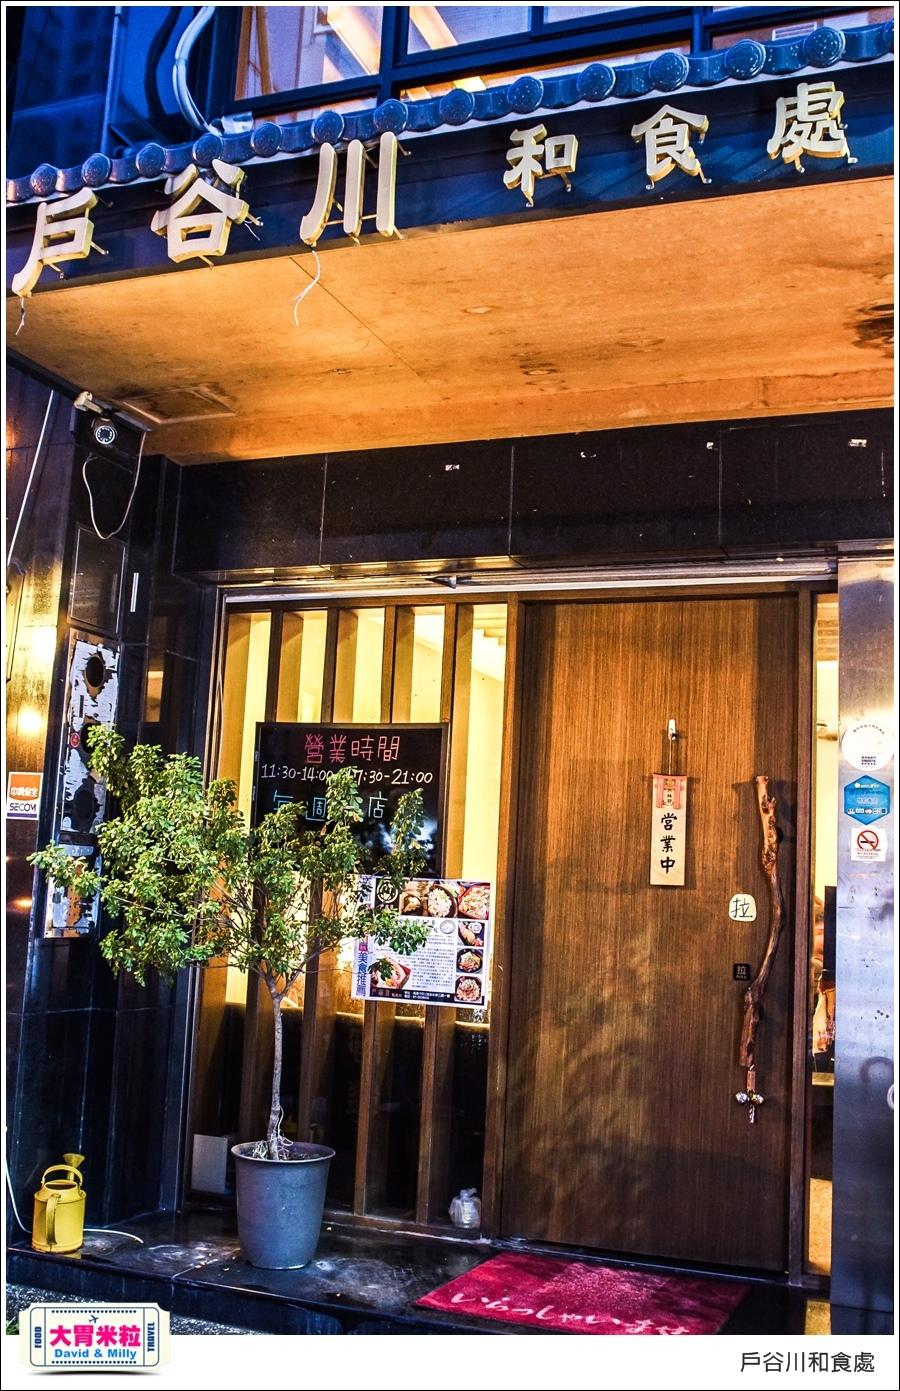 高雄美術館日式料理推薦@戶谷川和食處迷你丼飯@大胃米粒002.jpg